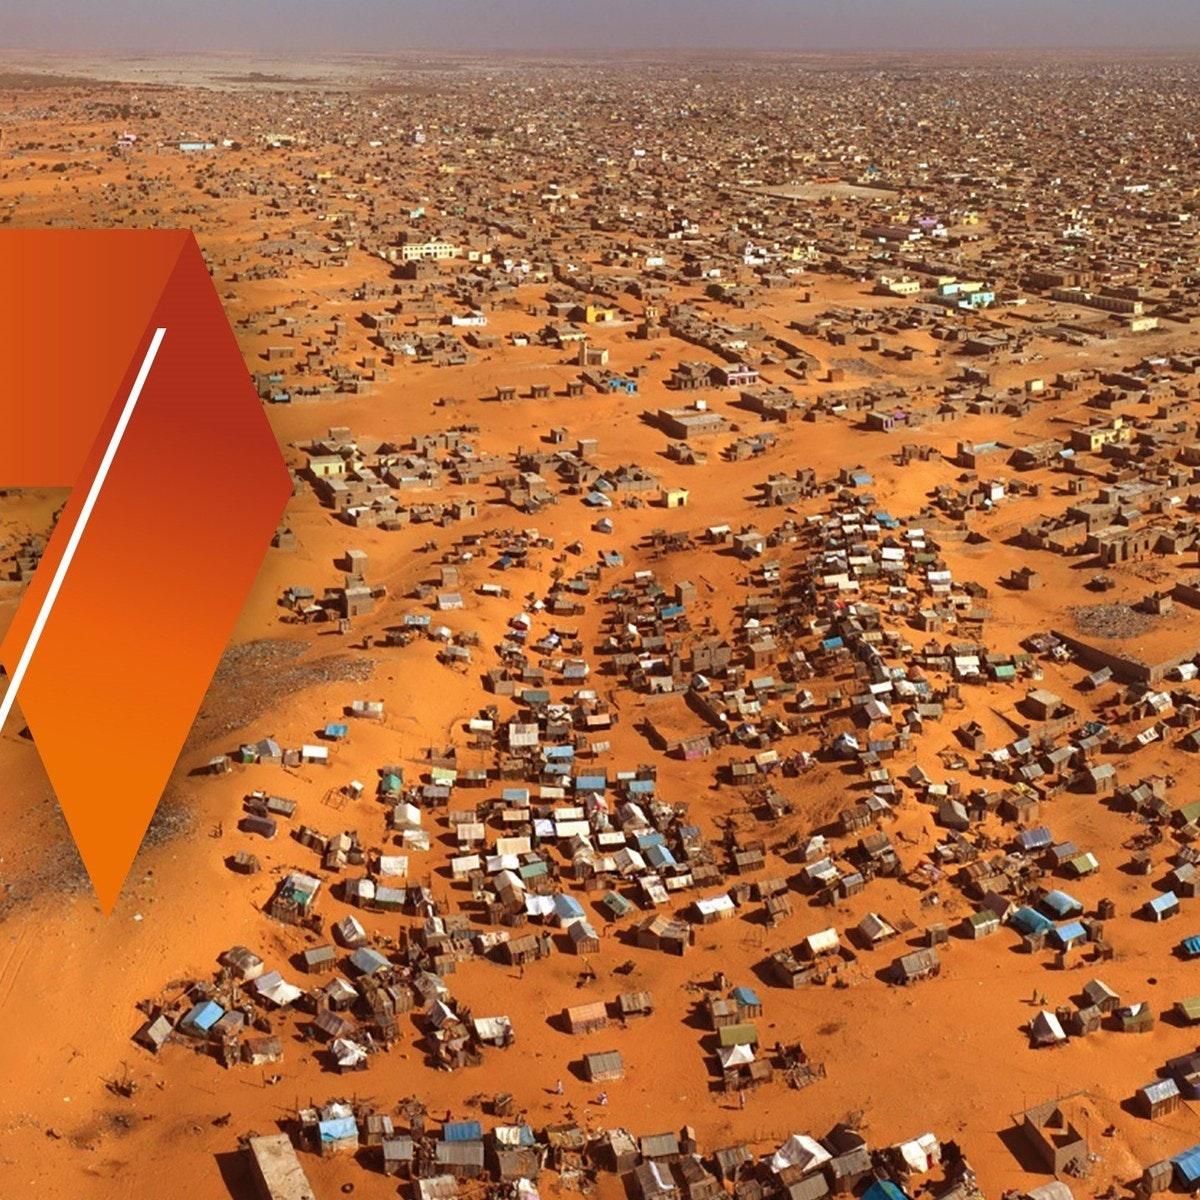 Villes africaines : Restructuration des quartiers précaires